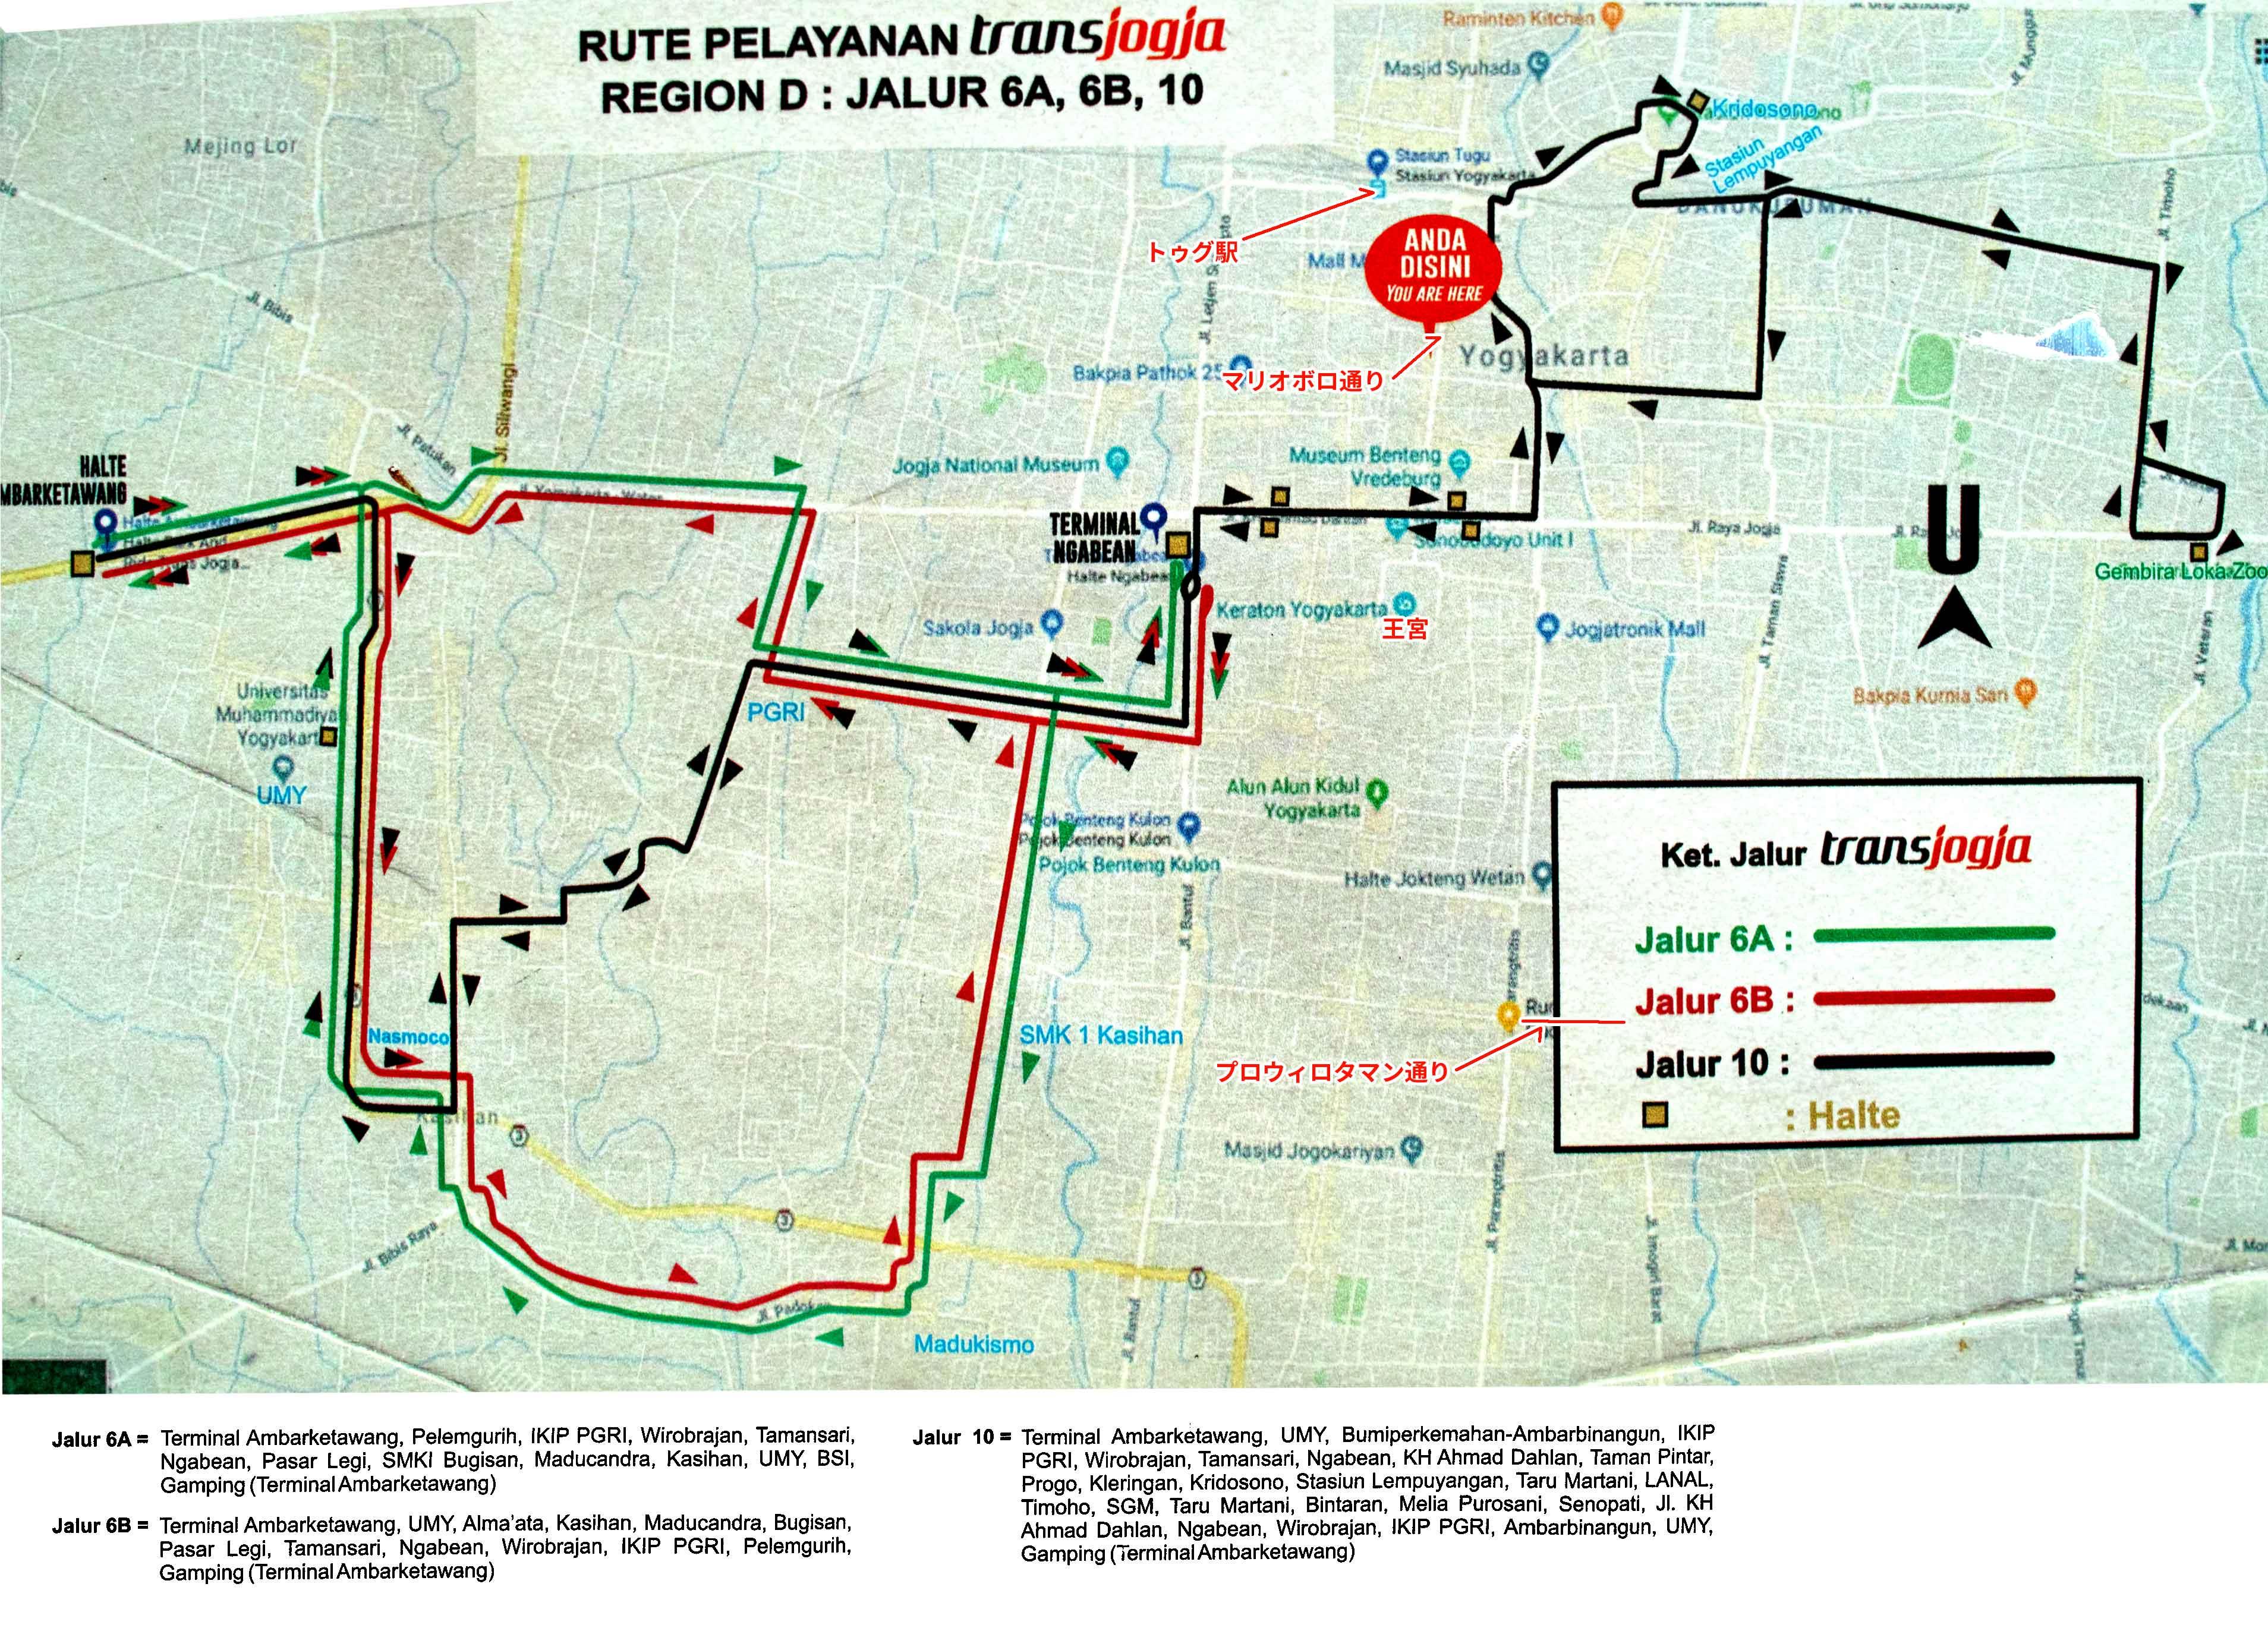 トランスジョグジャ(Trans Jogja)路線図6A,6B,10